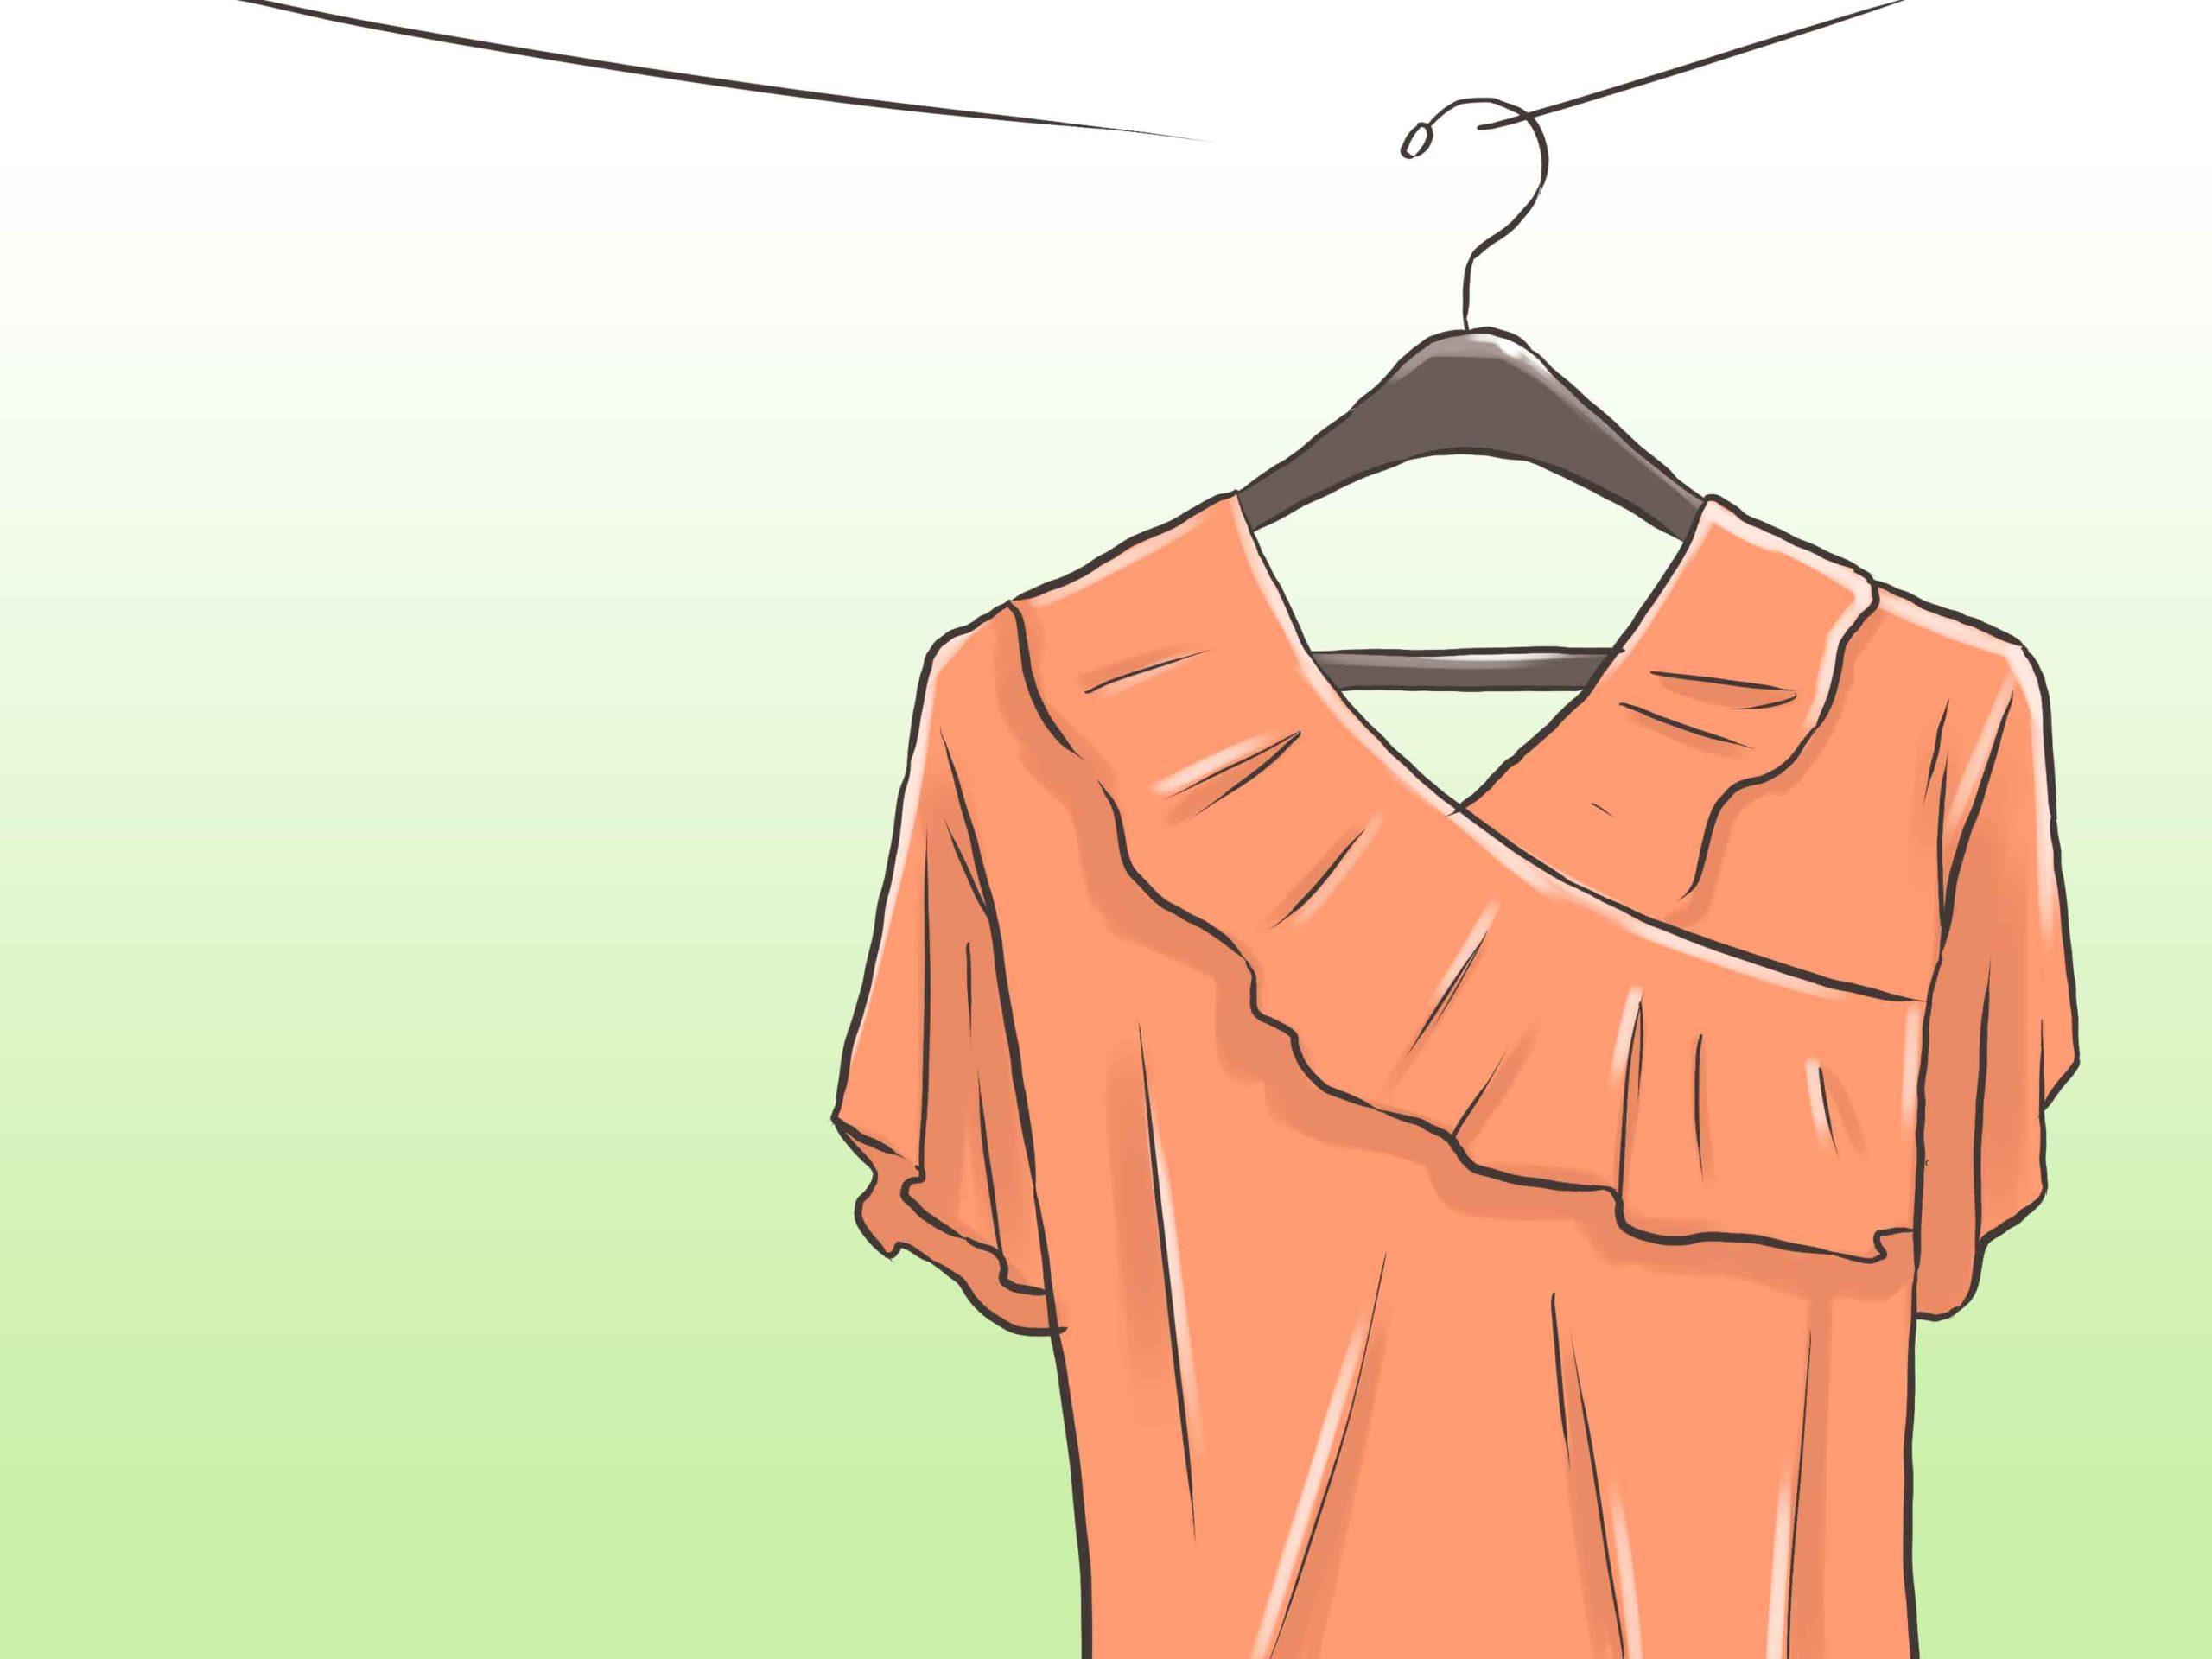 стирка одежды во время эпидемии